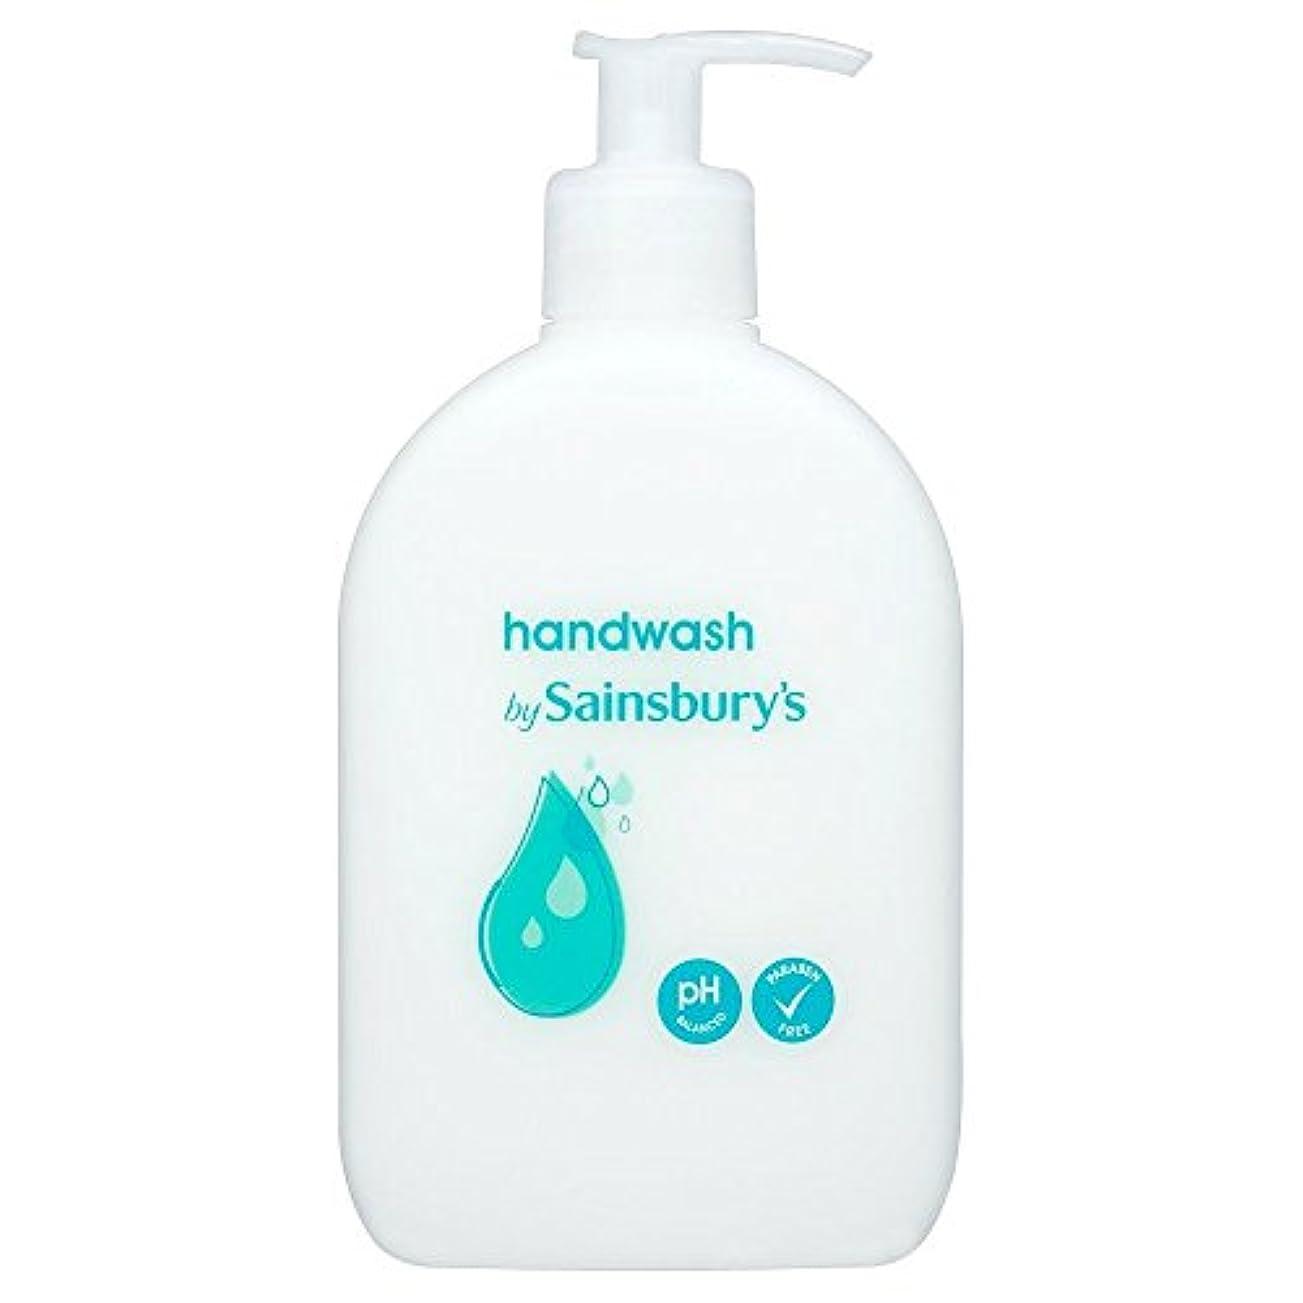 ベルベットヒロイン大人Sainsbury's Handwash, White 500ml (Pack of 4) - (Sainsbury's) 手洗い、白500ミリリットル (x4) [並行輸入品]